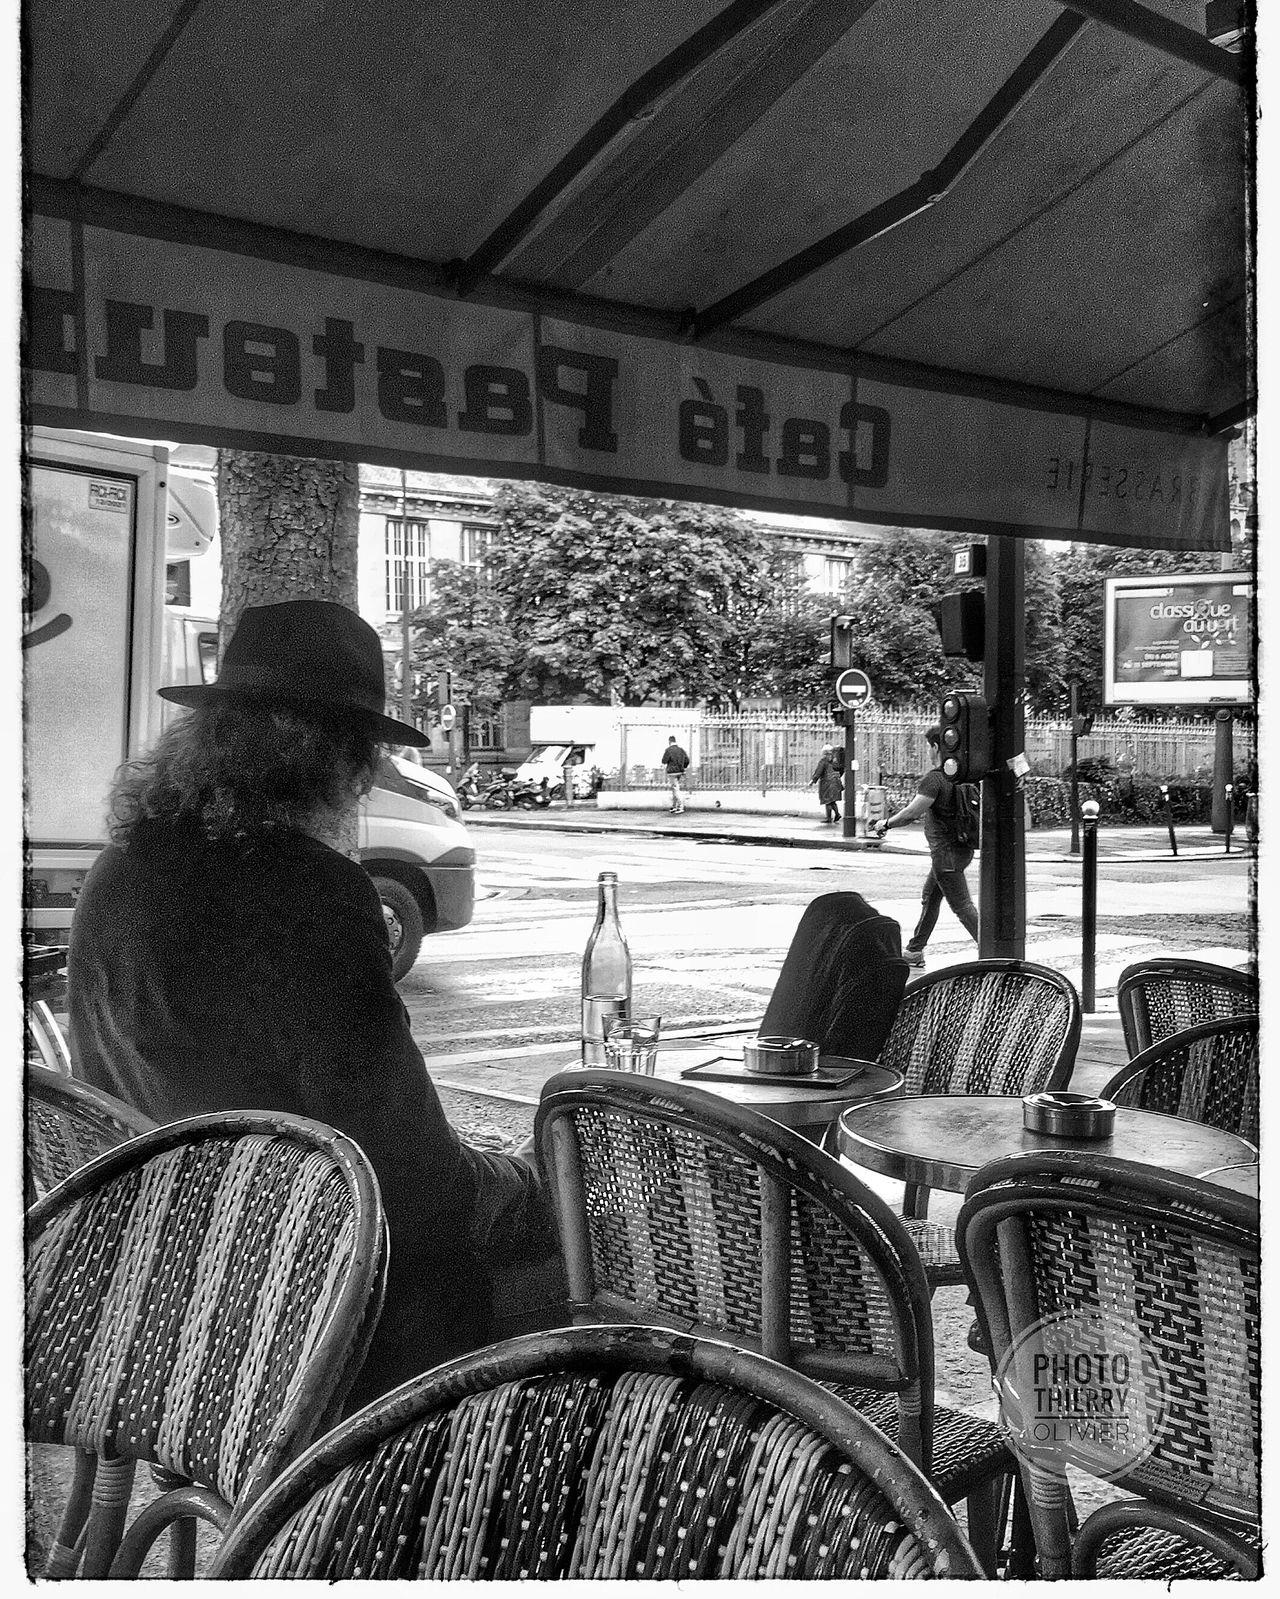 France Photography Photo Photos Photojournalism Blackandwhite Noir Et Blanc Photographer Press Journalism Art Art Gallery Artphoto Rural Scenes Presse Paris Pasteur Café Pasteur